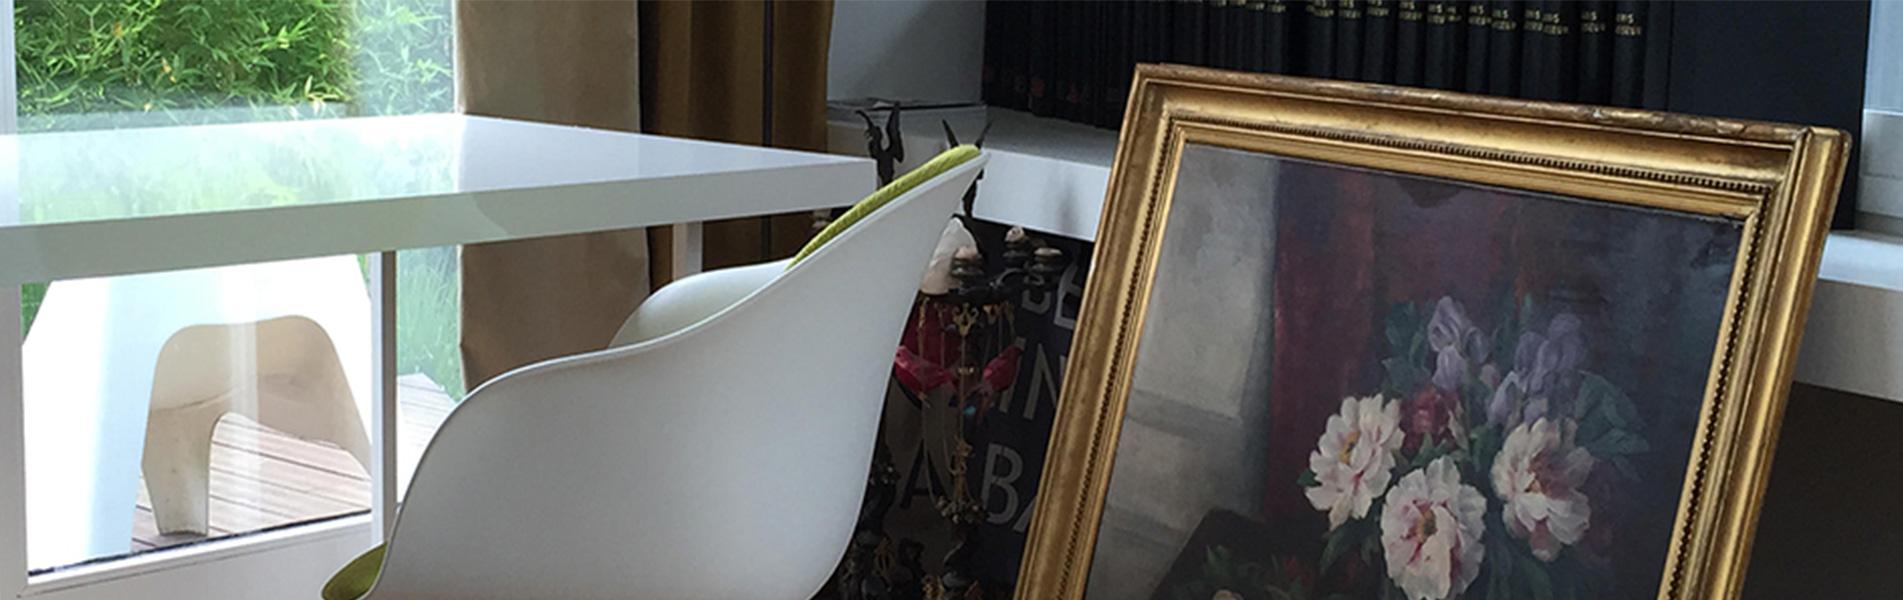 virginie coleman lecerf avocat radinghem en weppes lille. Black Bedroom Furniture Sets. Home Design Ideas